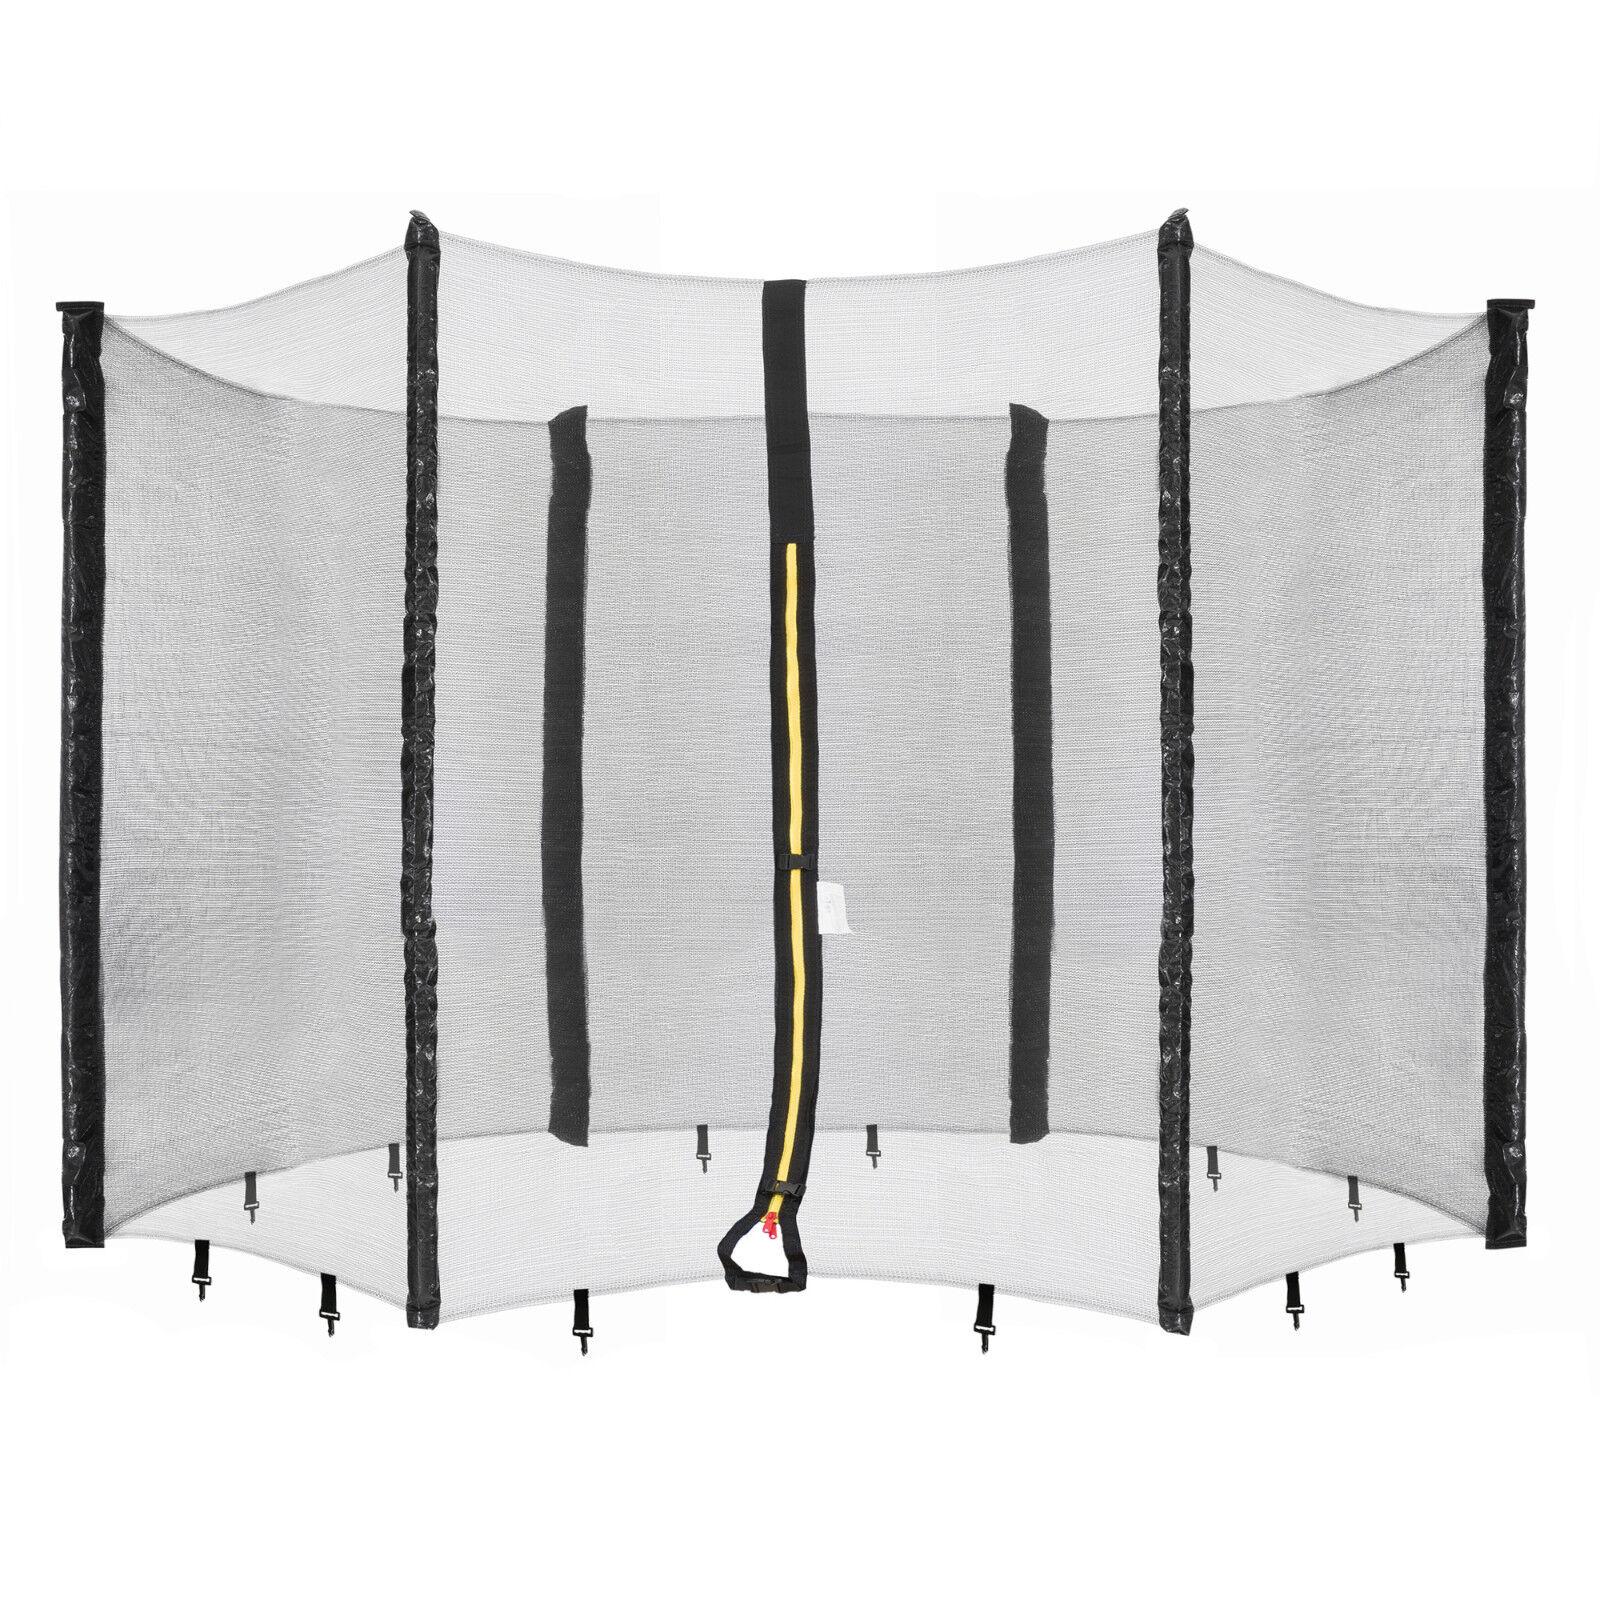 Arebos Trampolin Netz Sicherheitsnetz Fangnetz Schutznetz für 6 Stangen 490 cm